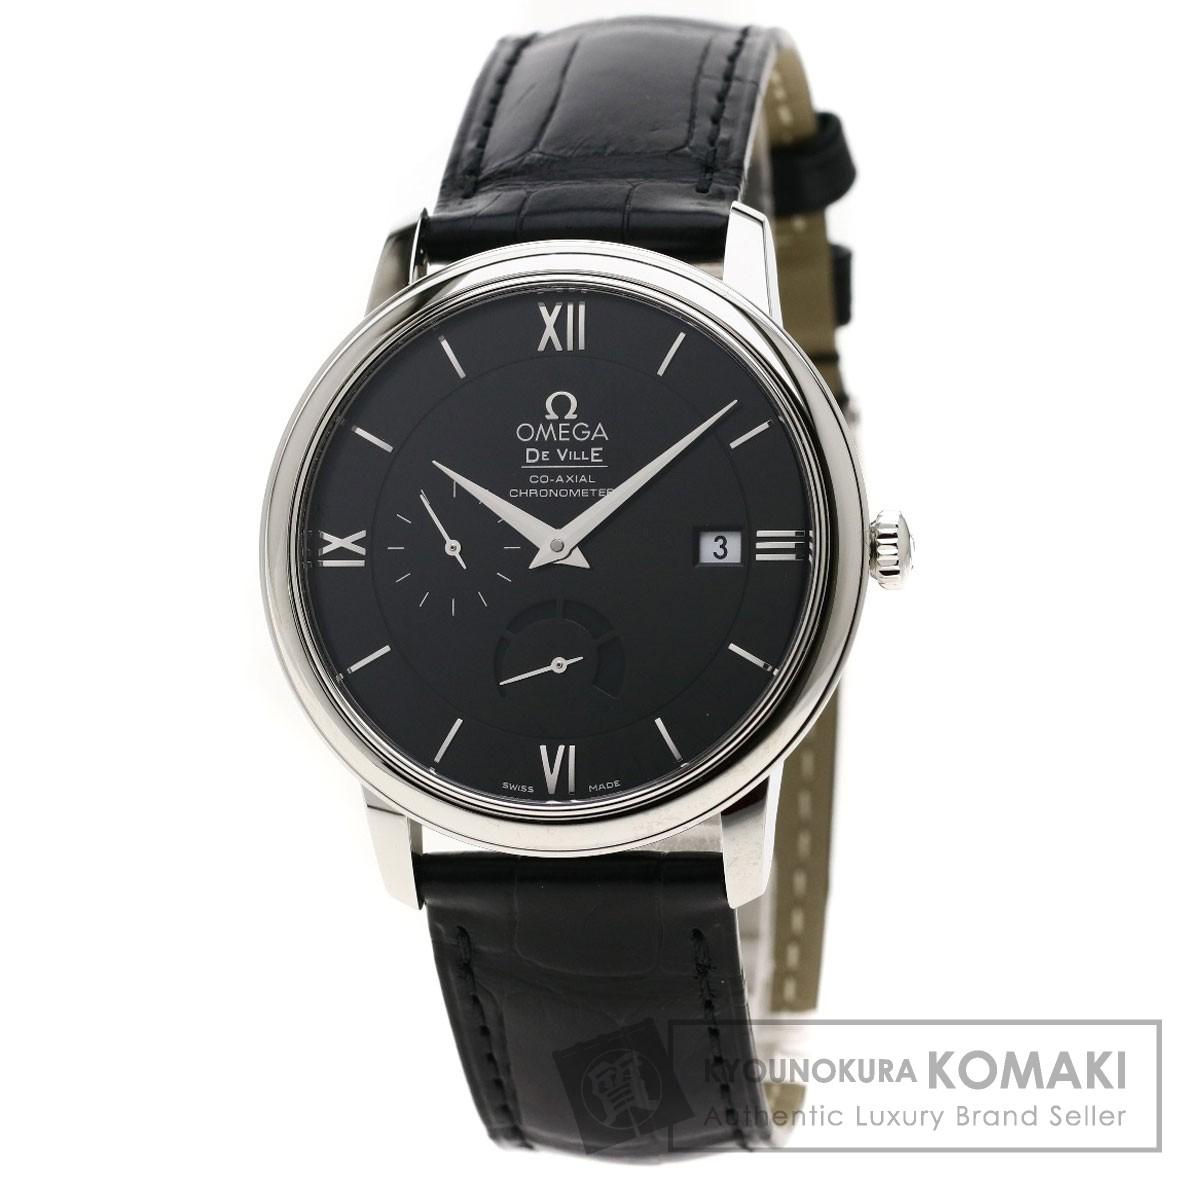 オメガ デビルプレステージ 腕時計 ステンレススチール/革 メンズ 【中古】【OMEGA】